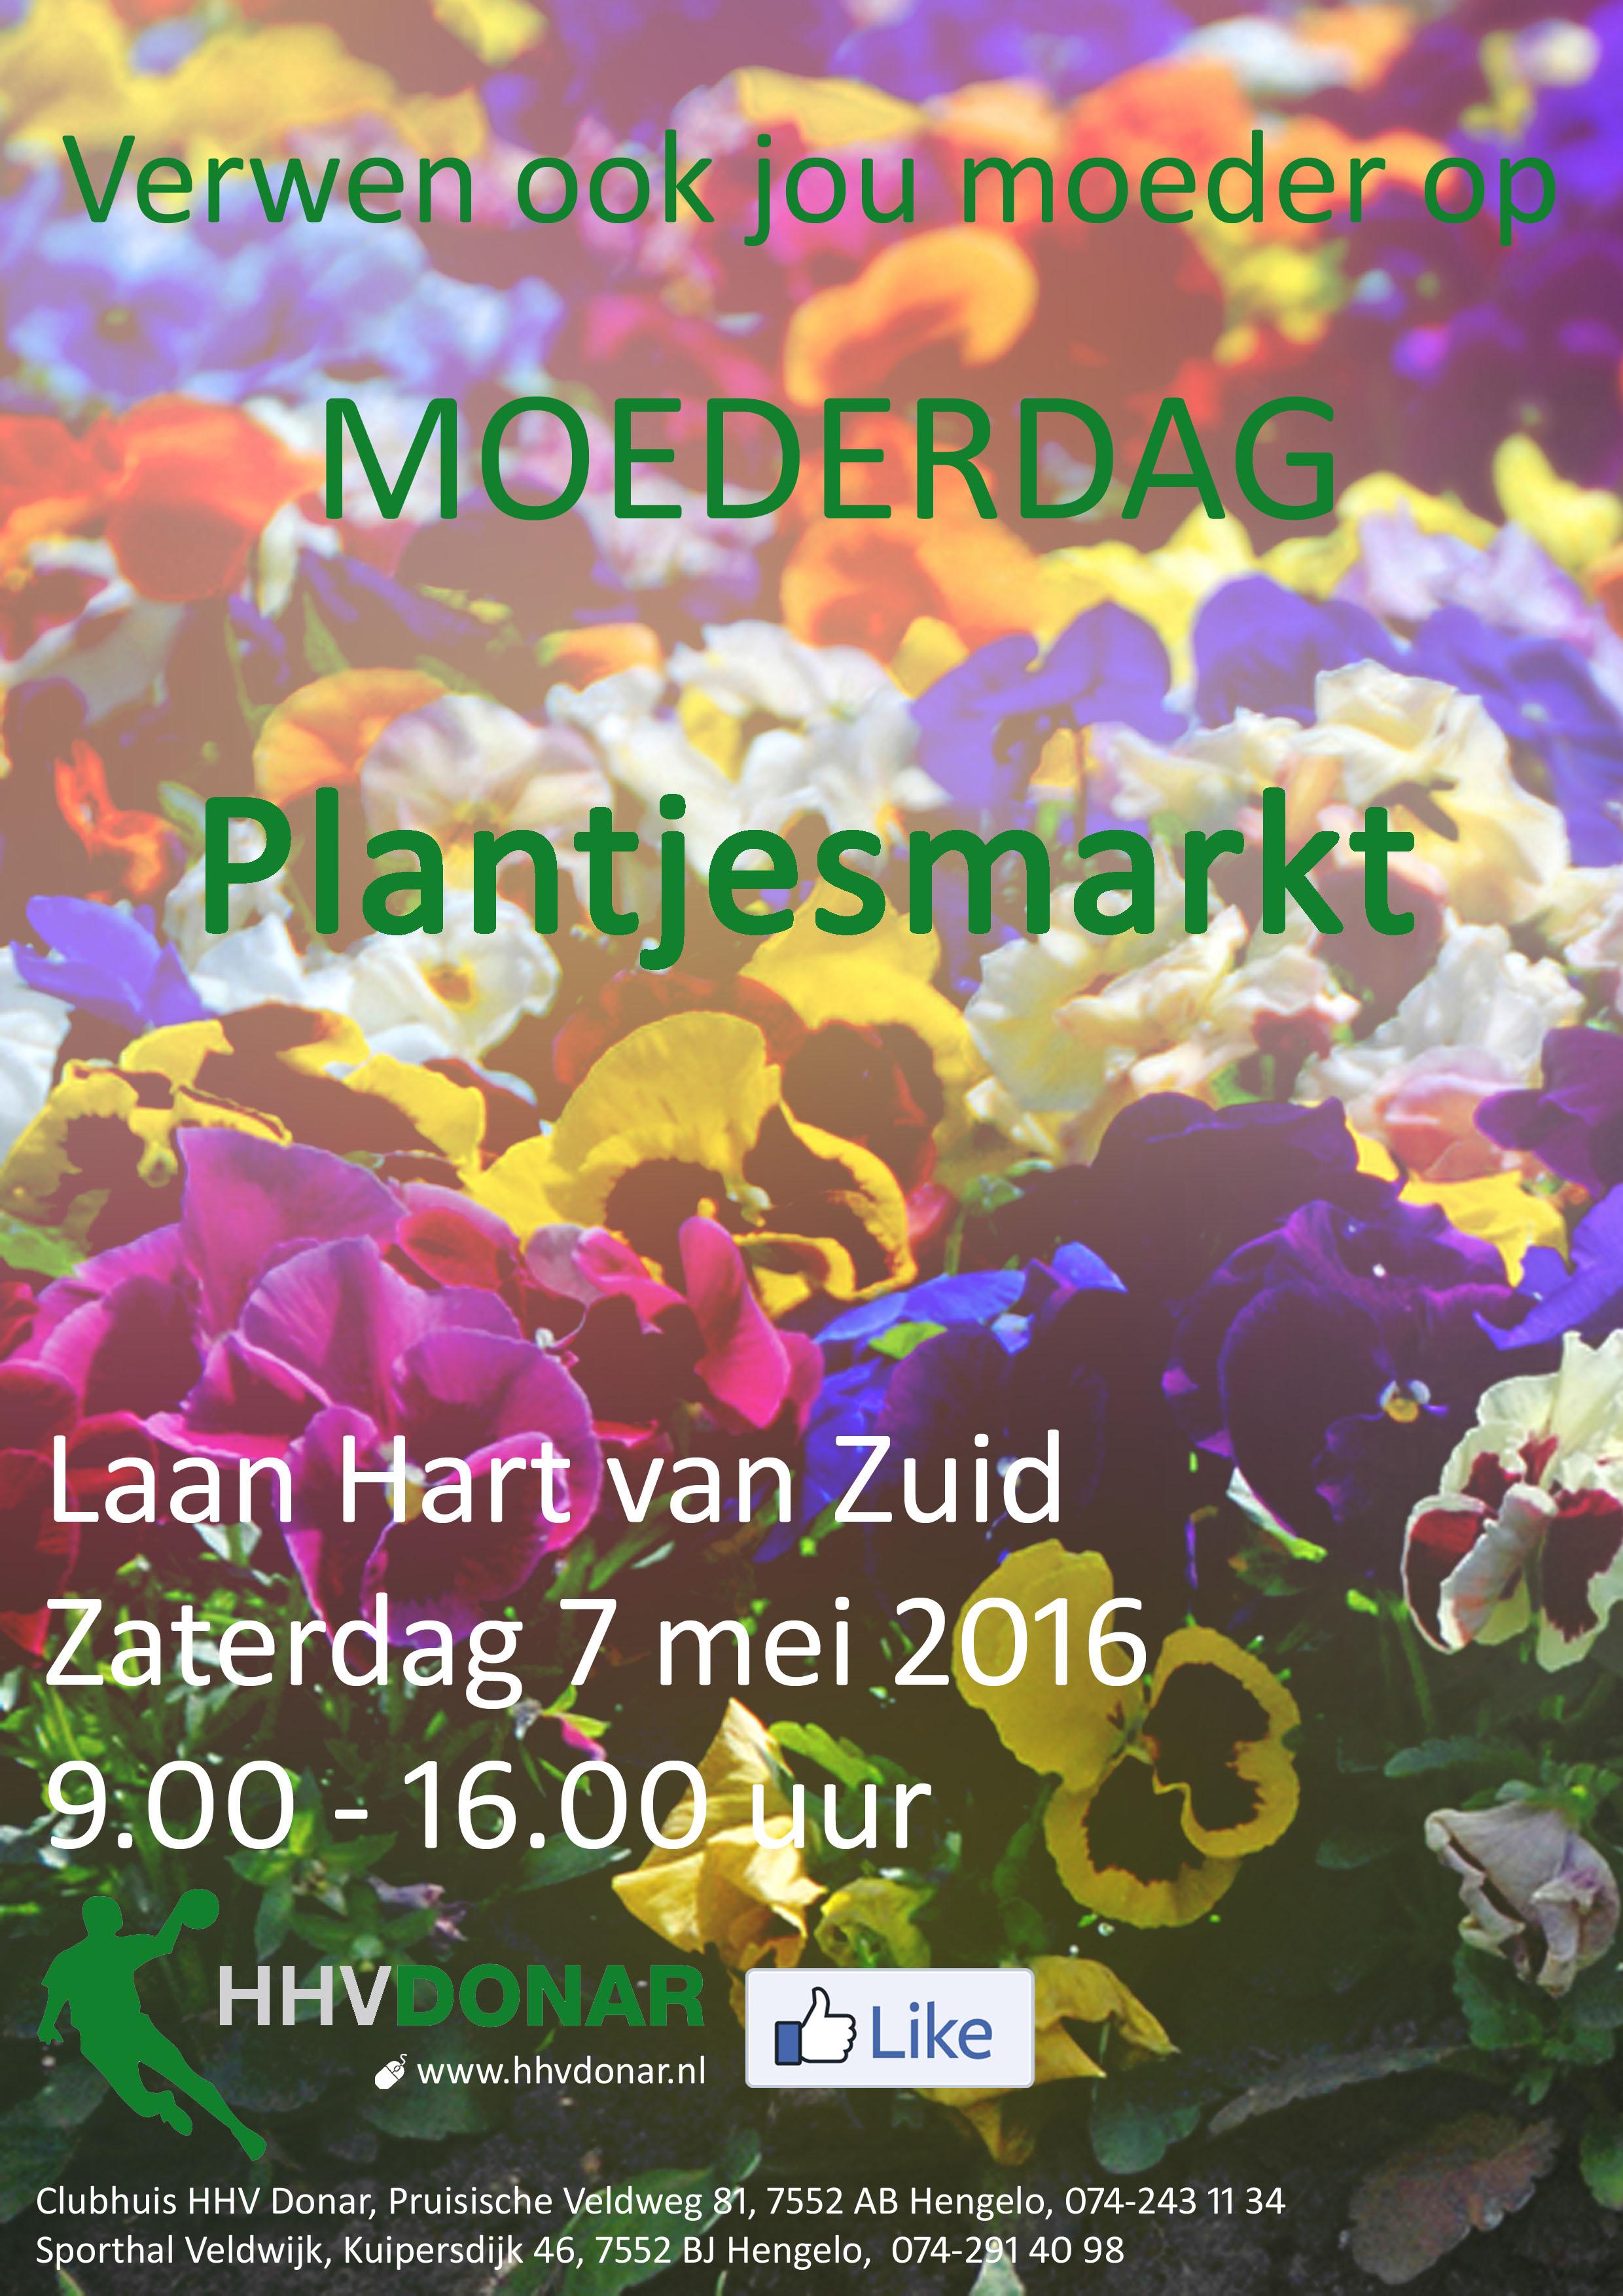 Plantjesmarkt_flyer.jpg - 942.55 kB